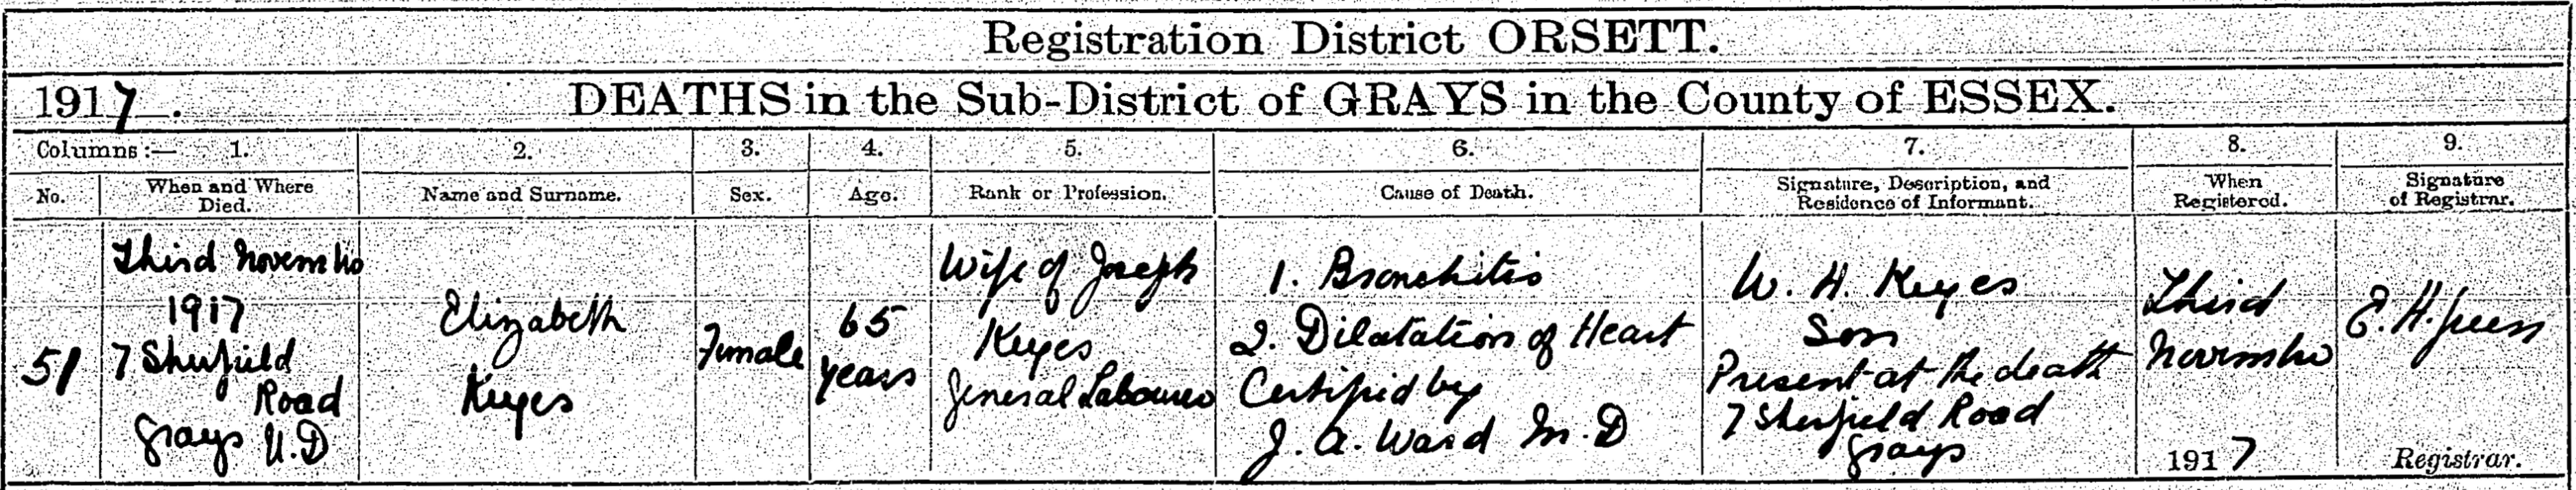 Elizabeth Keyes Death Certificate